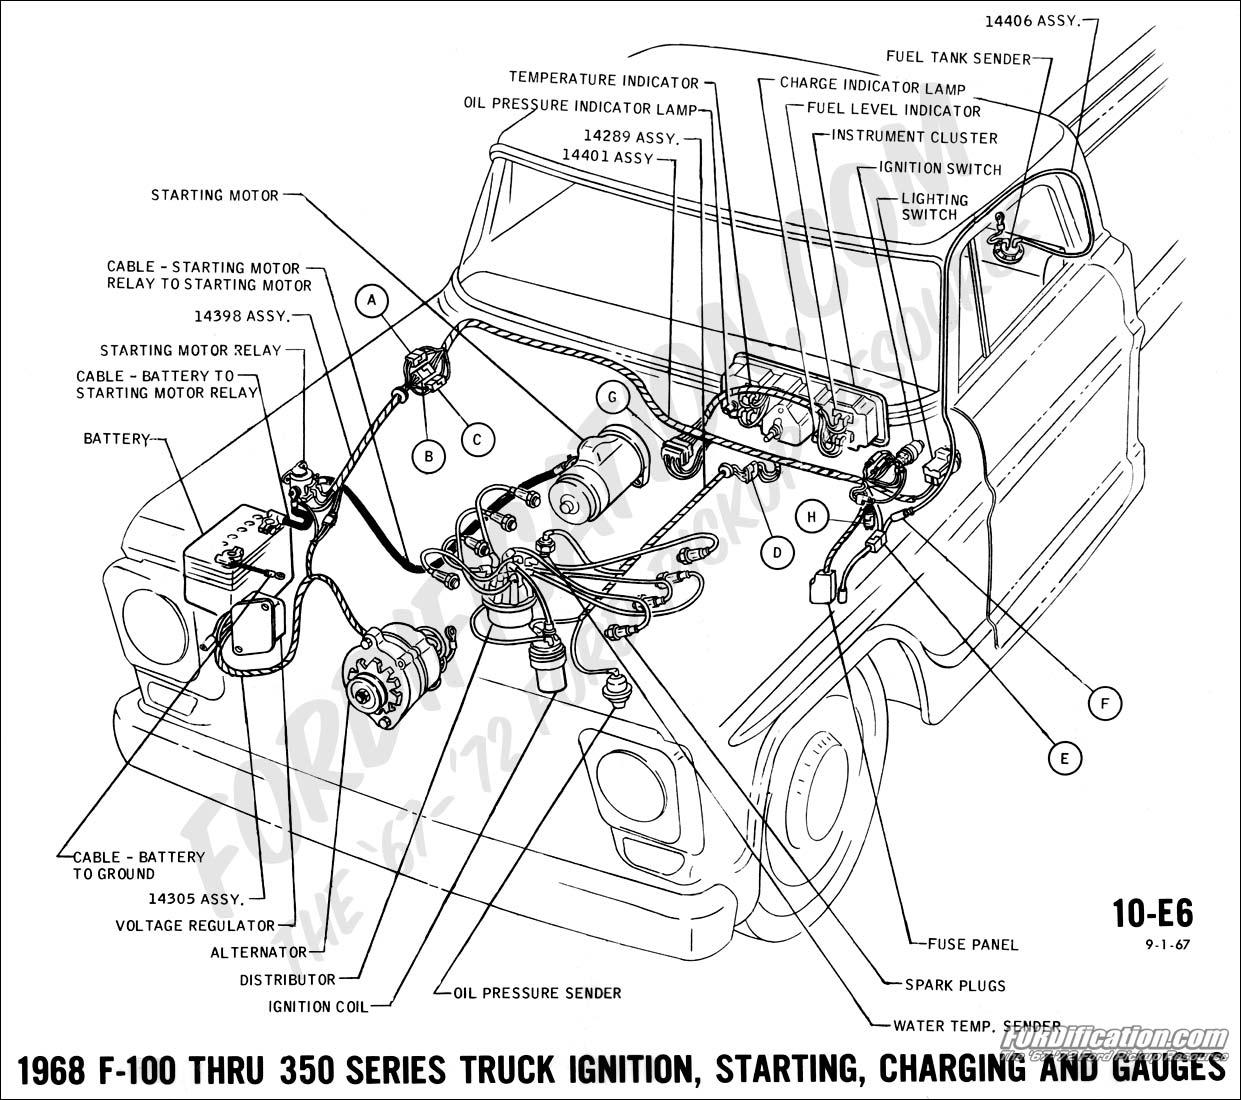 Tremendous Wiring Diagram 1969 Camaro Wiring Diagram Ford F100 Wiring Diagram Wiring Cloud Biosomenaidewilluminateatxorg